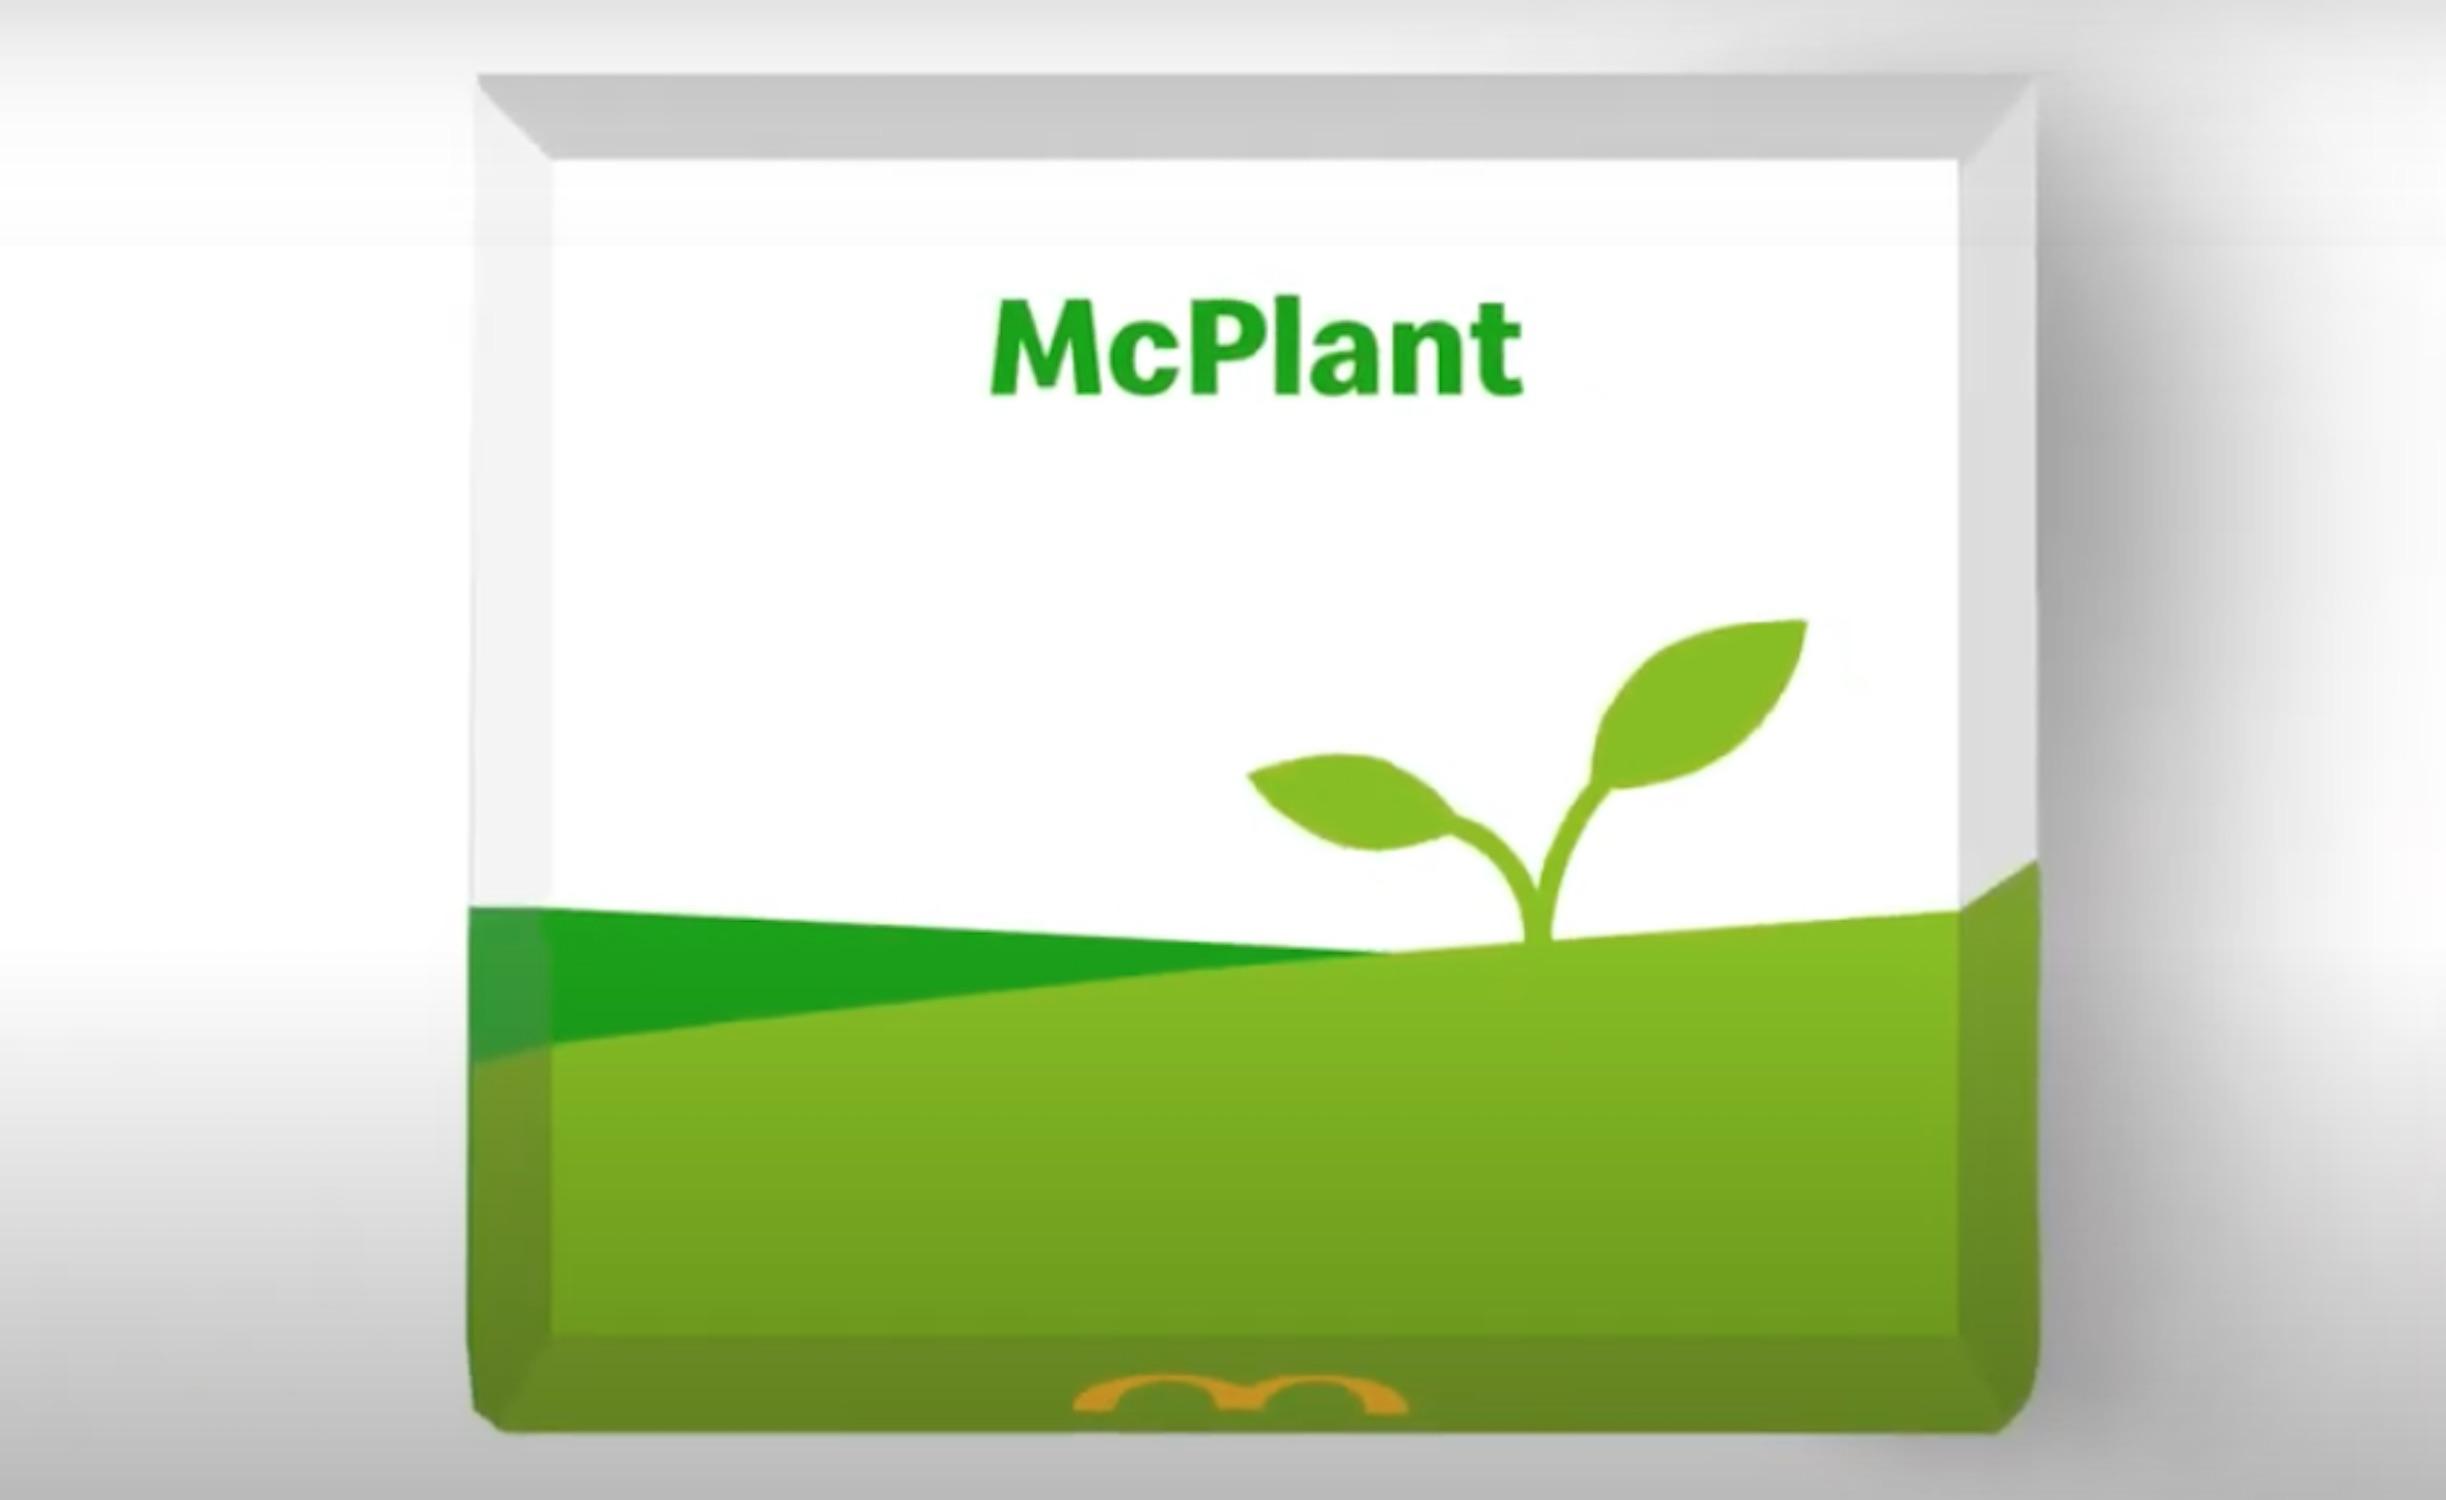 mcplant